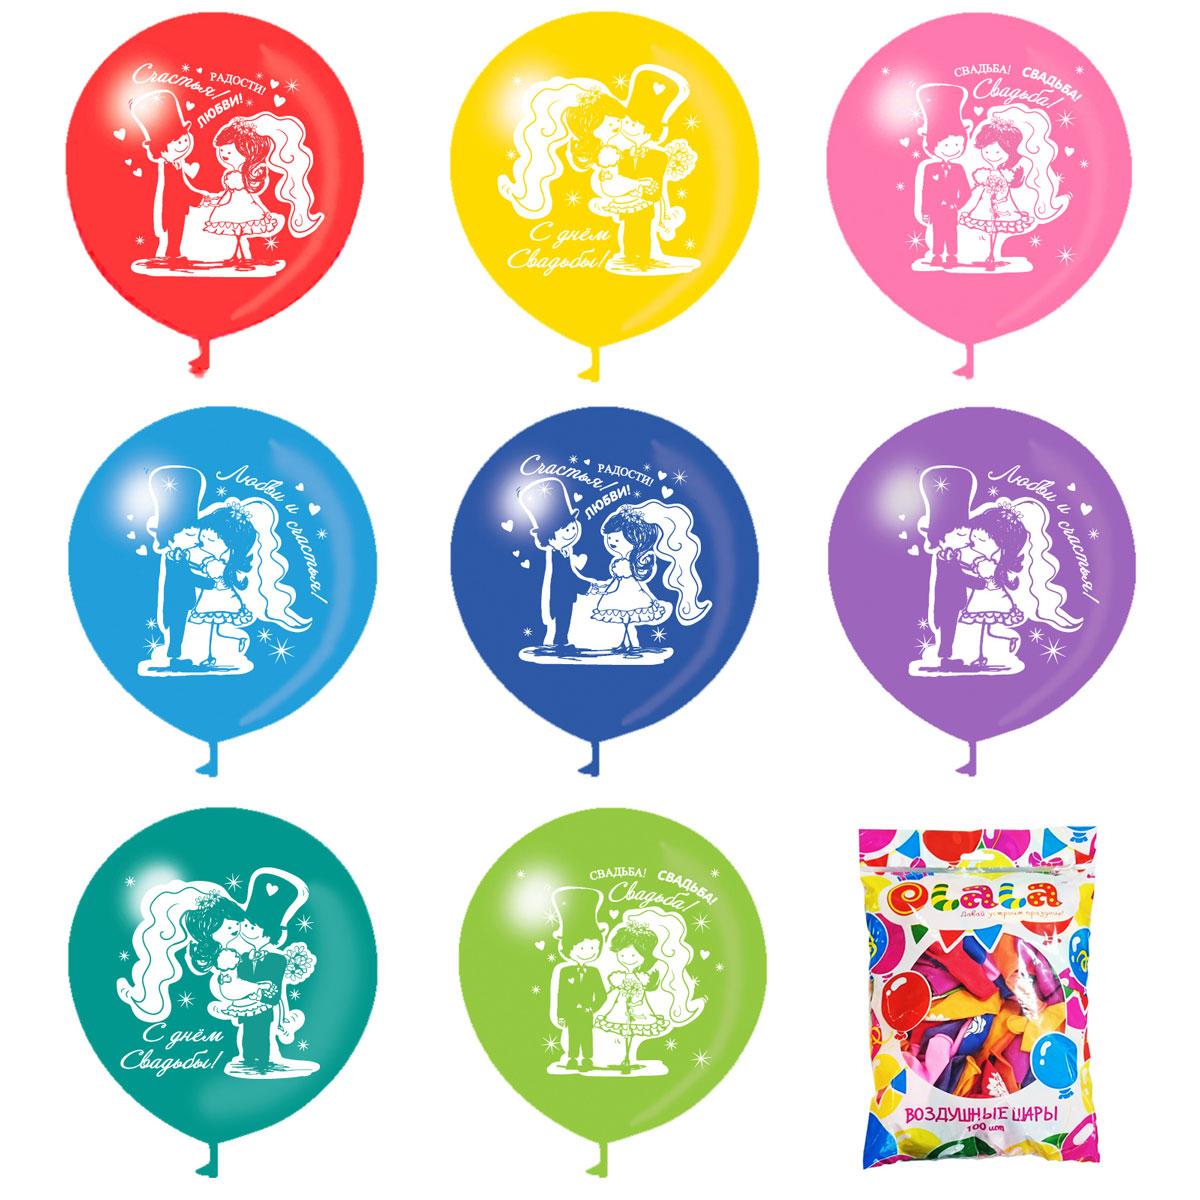 Olala Набор надувных шариков Свадьба 100 шт26369Разноцветные шары Свадьба ТМ OLALA помогут украсить самый главный праздник в жизни молодой семьи и устроить множество увлекательных конкурсов для гостей. В наборе 100 латексных шаров диаметром 12/30 см c односторонней печатью. Дизайн в ассортименте. Товар сертифицирован.